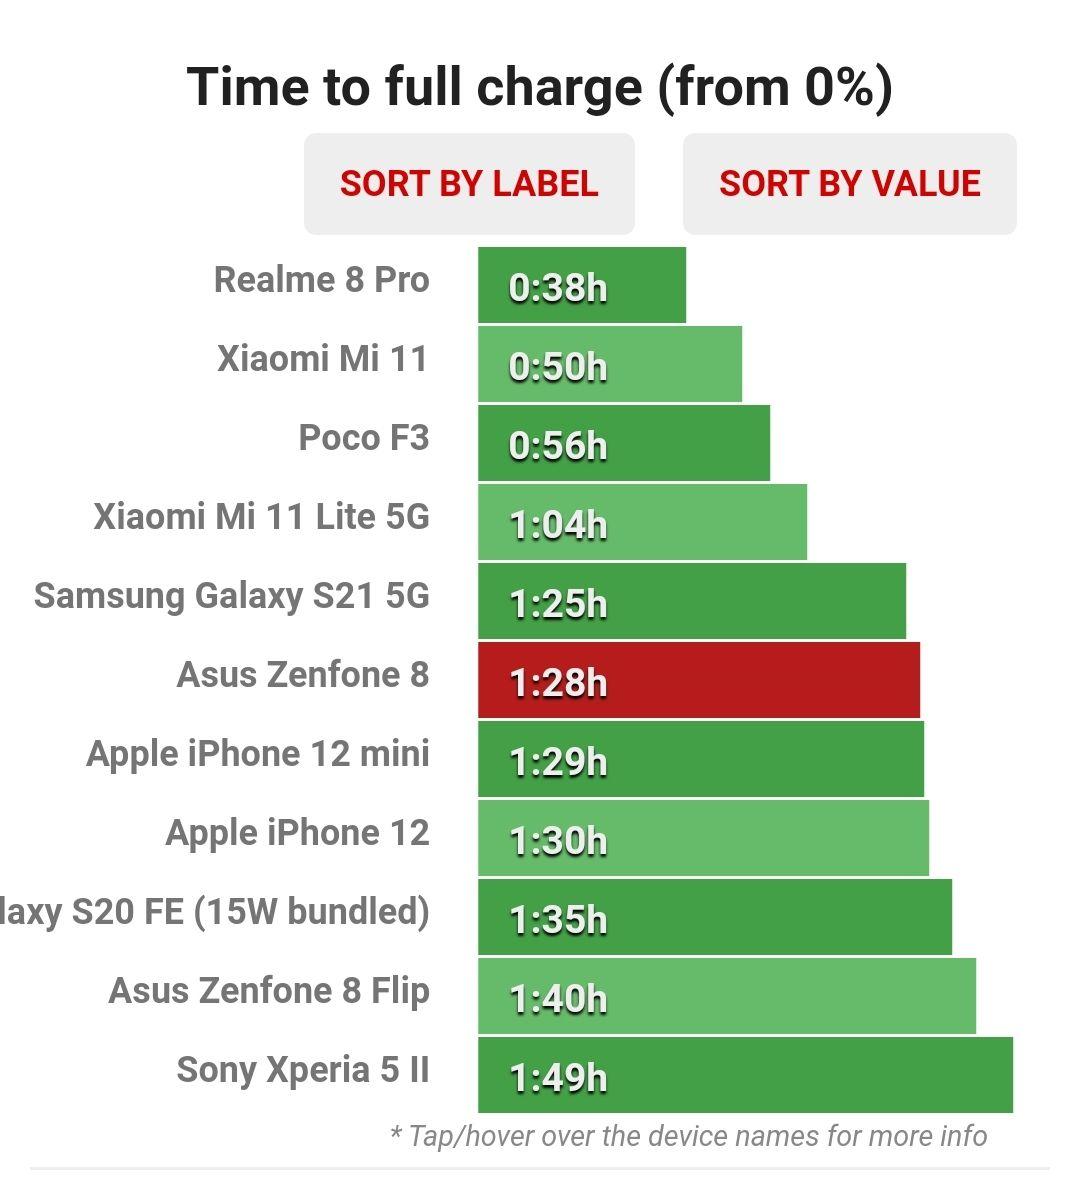 زمان تکمیل شارژ باتری Zenfone 8